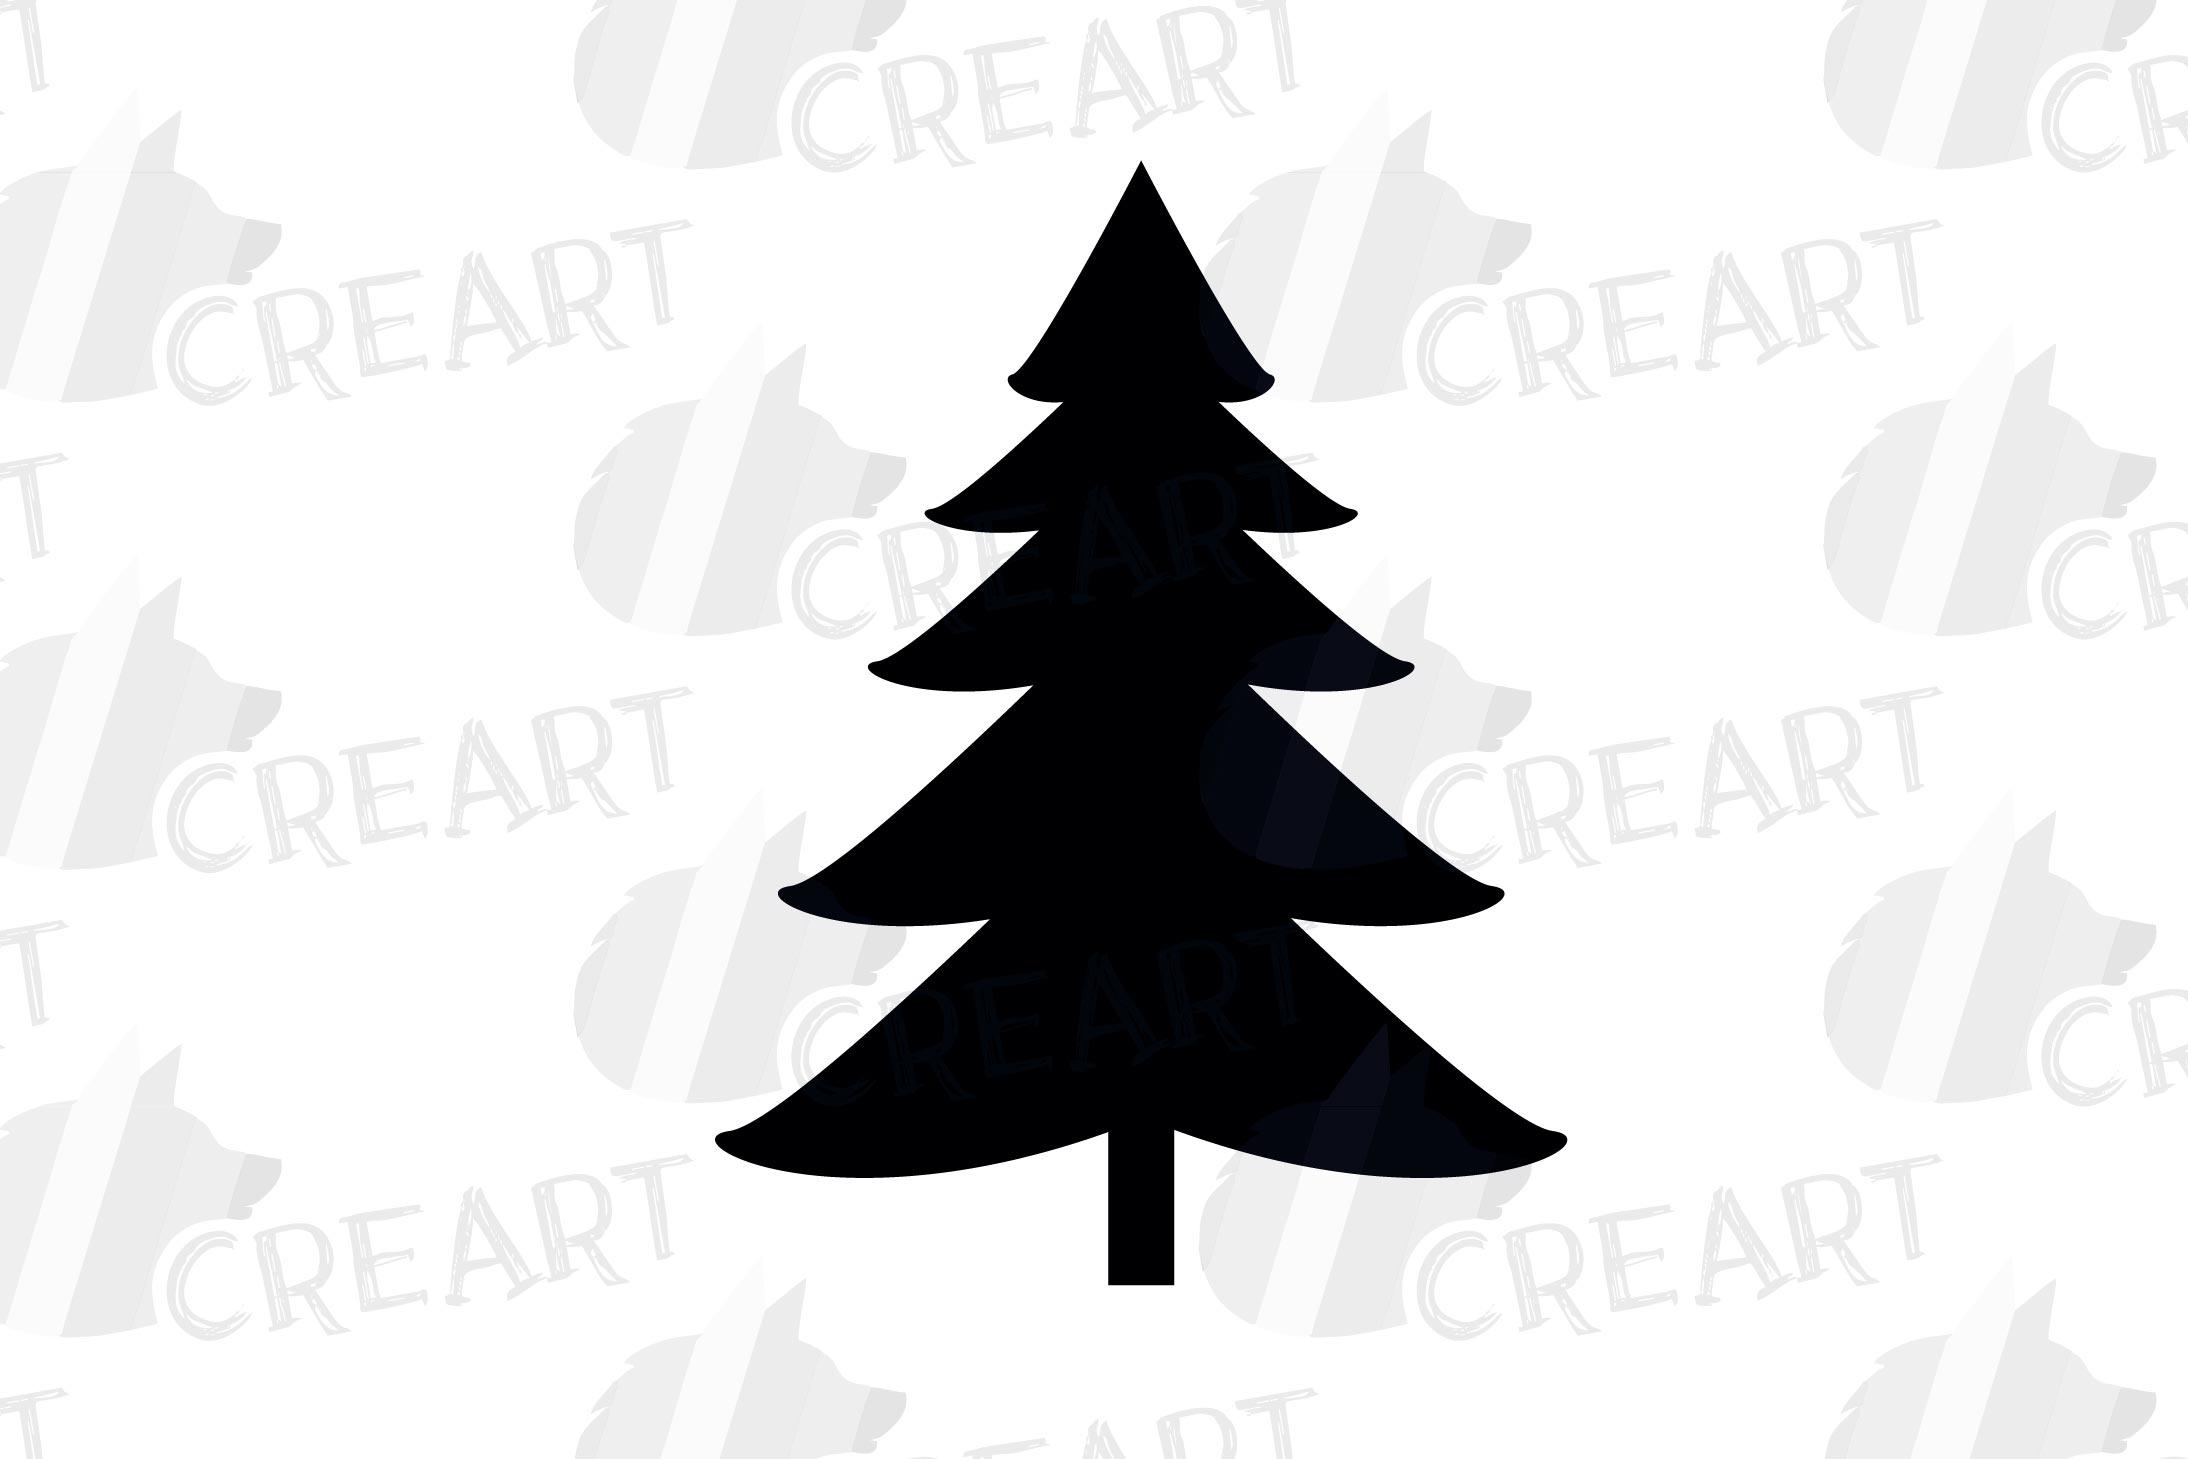 Minimalist Pine Tree: Minimalist Christmas Trees Clip Art. Pine Trees Home Decor